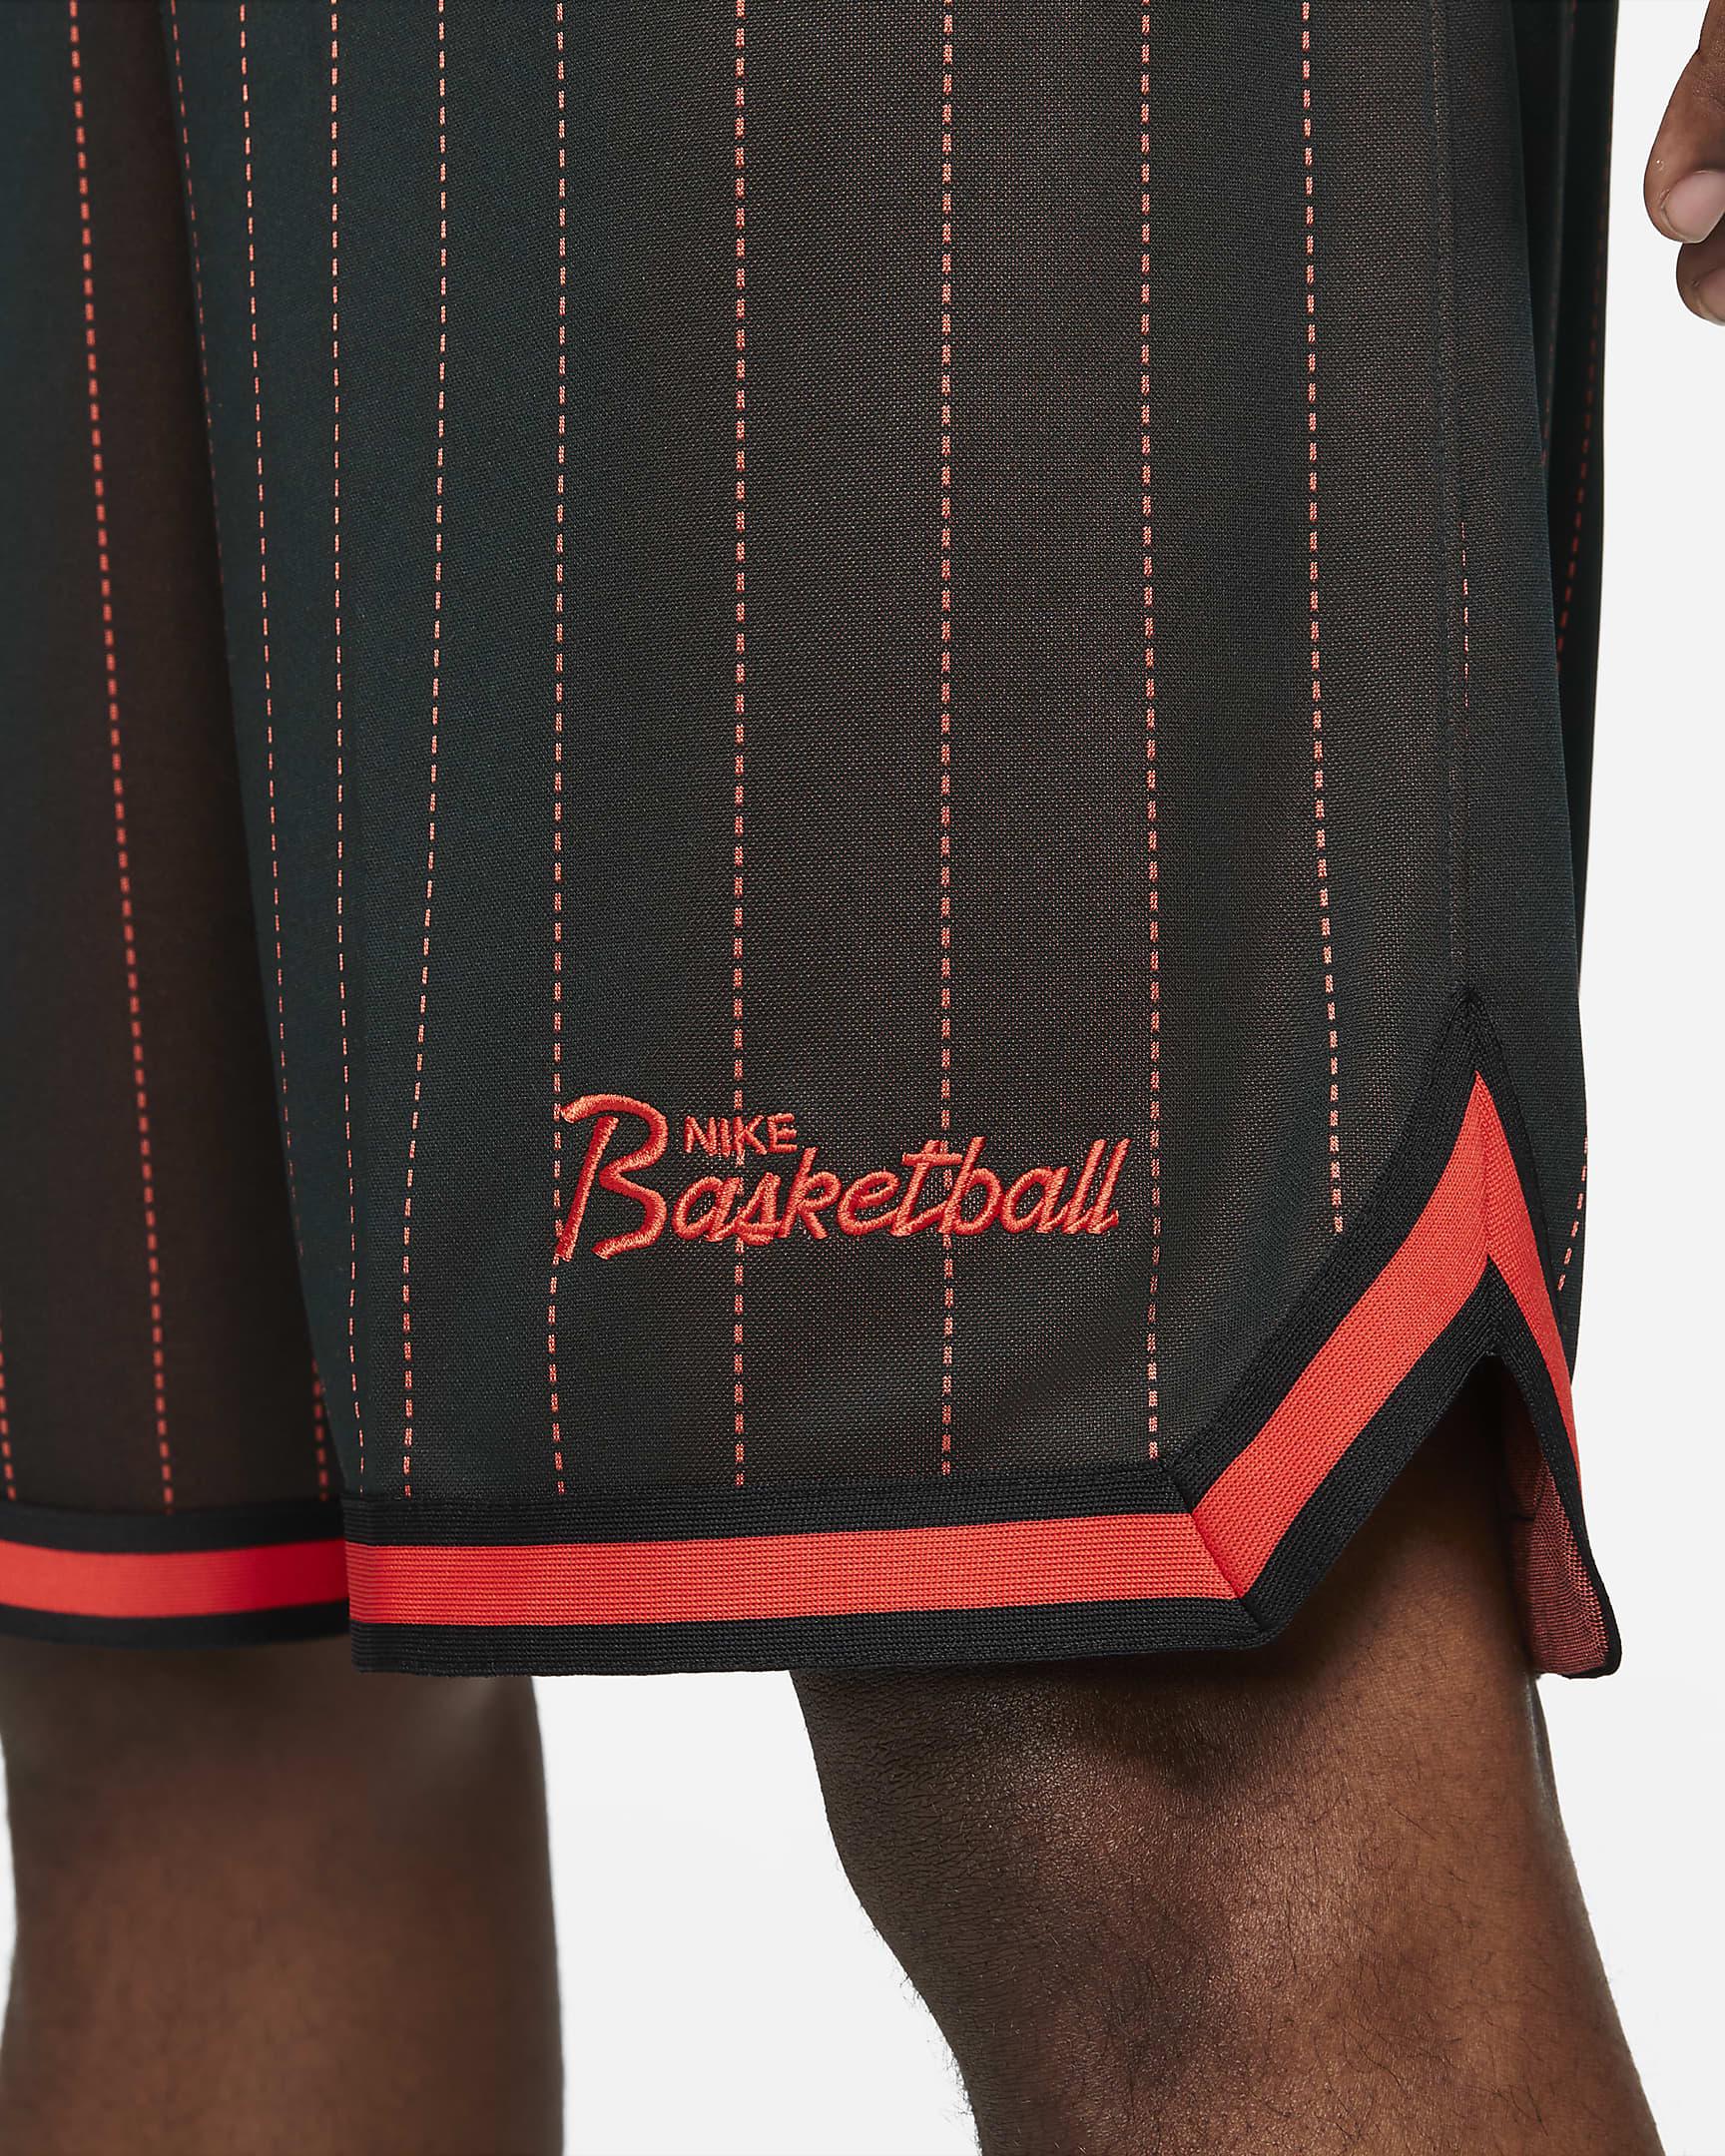 nike-dri-fit-dna-mens-basketball-shorts-RklKFZ-2.png